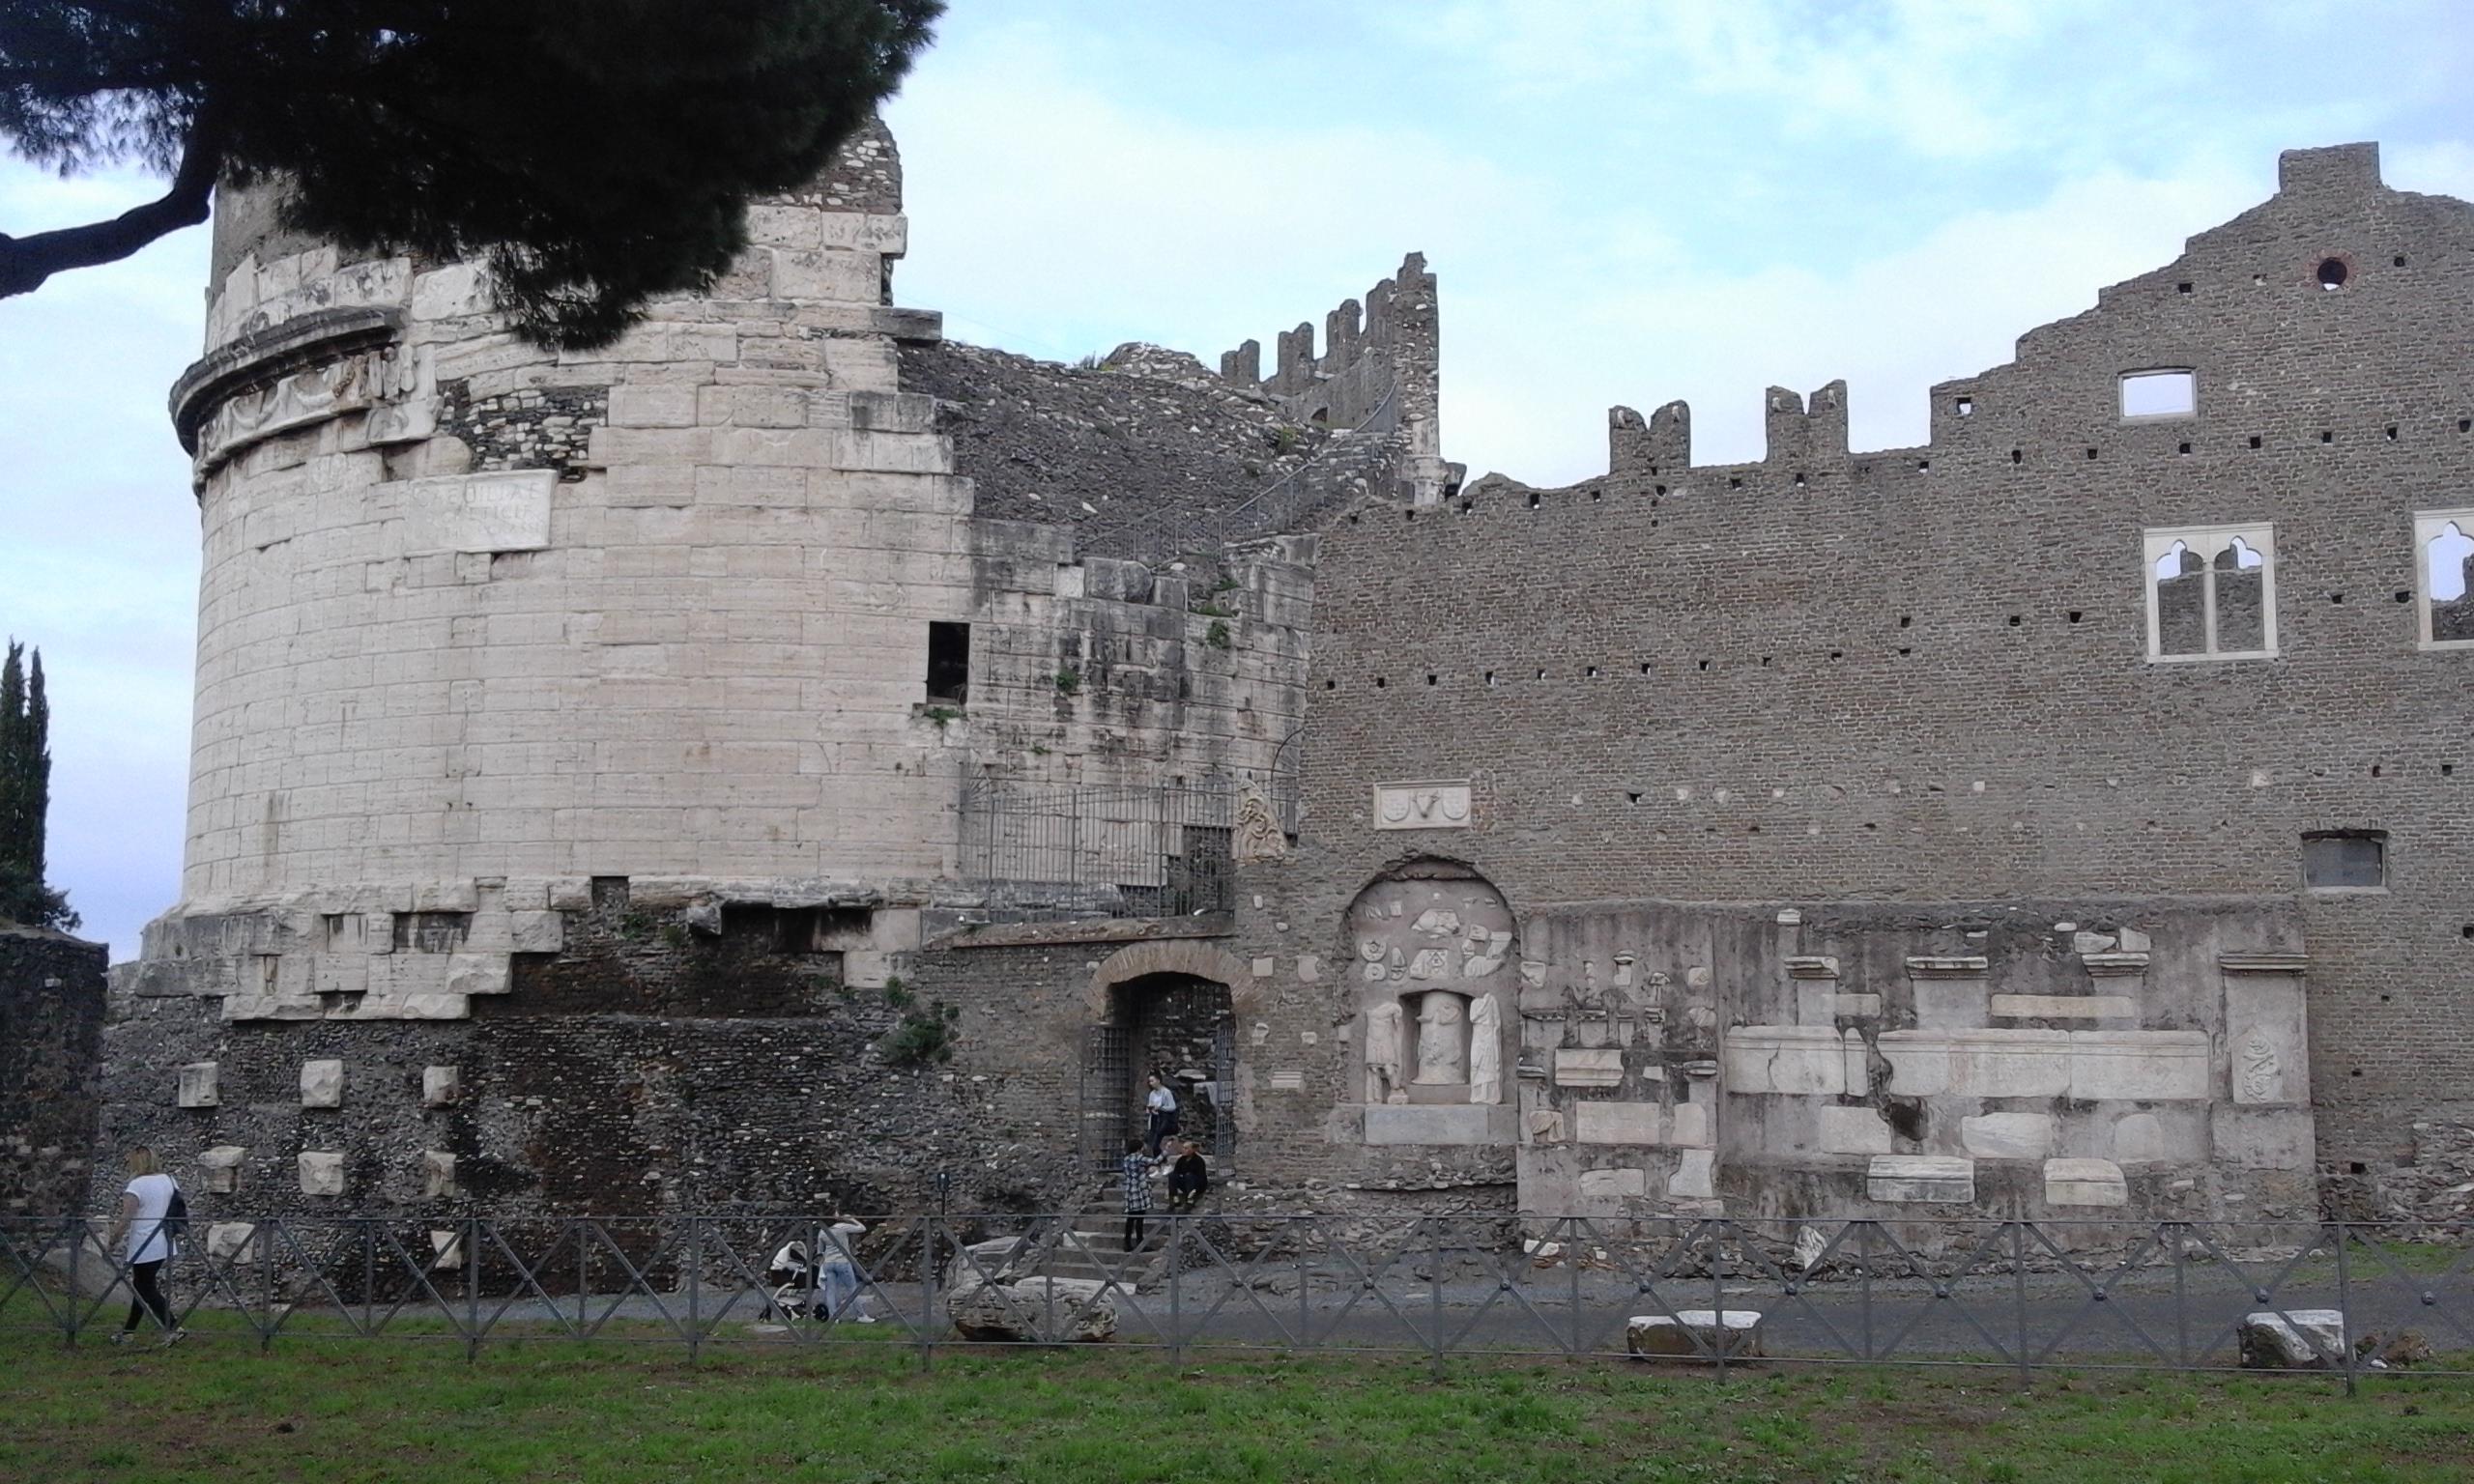 Гробница Чечилия Метелла в Рим - Екскурзии на български в Рим